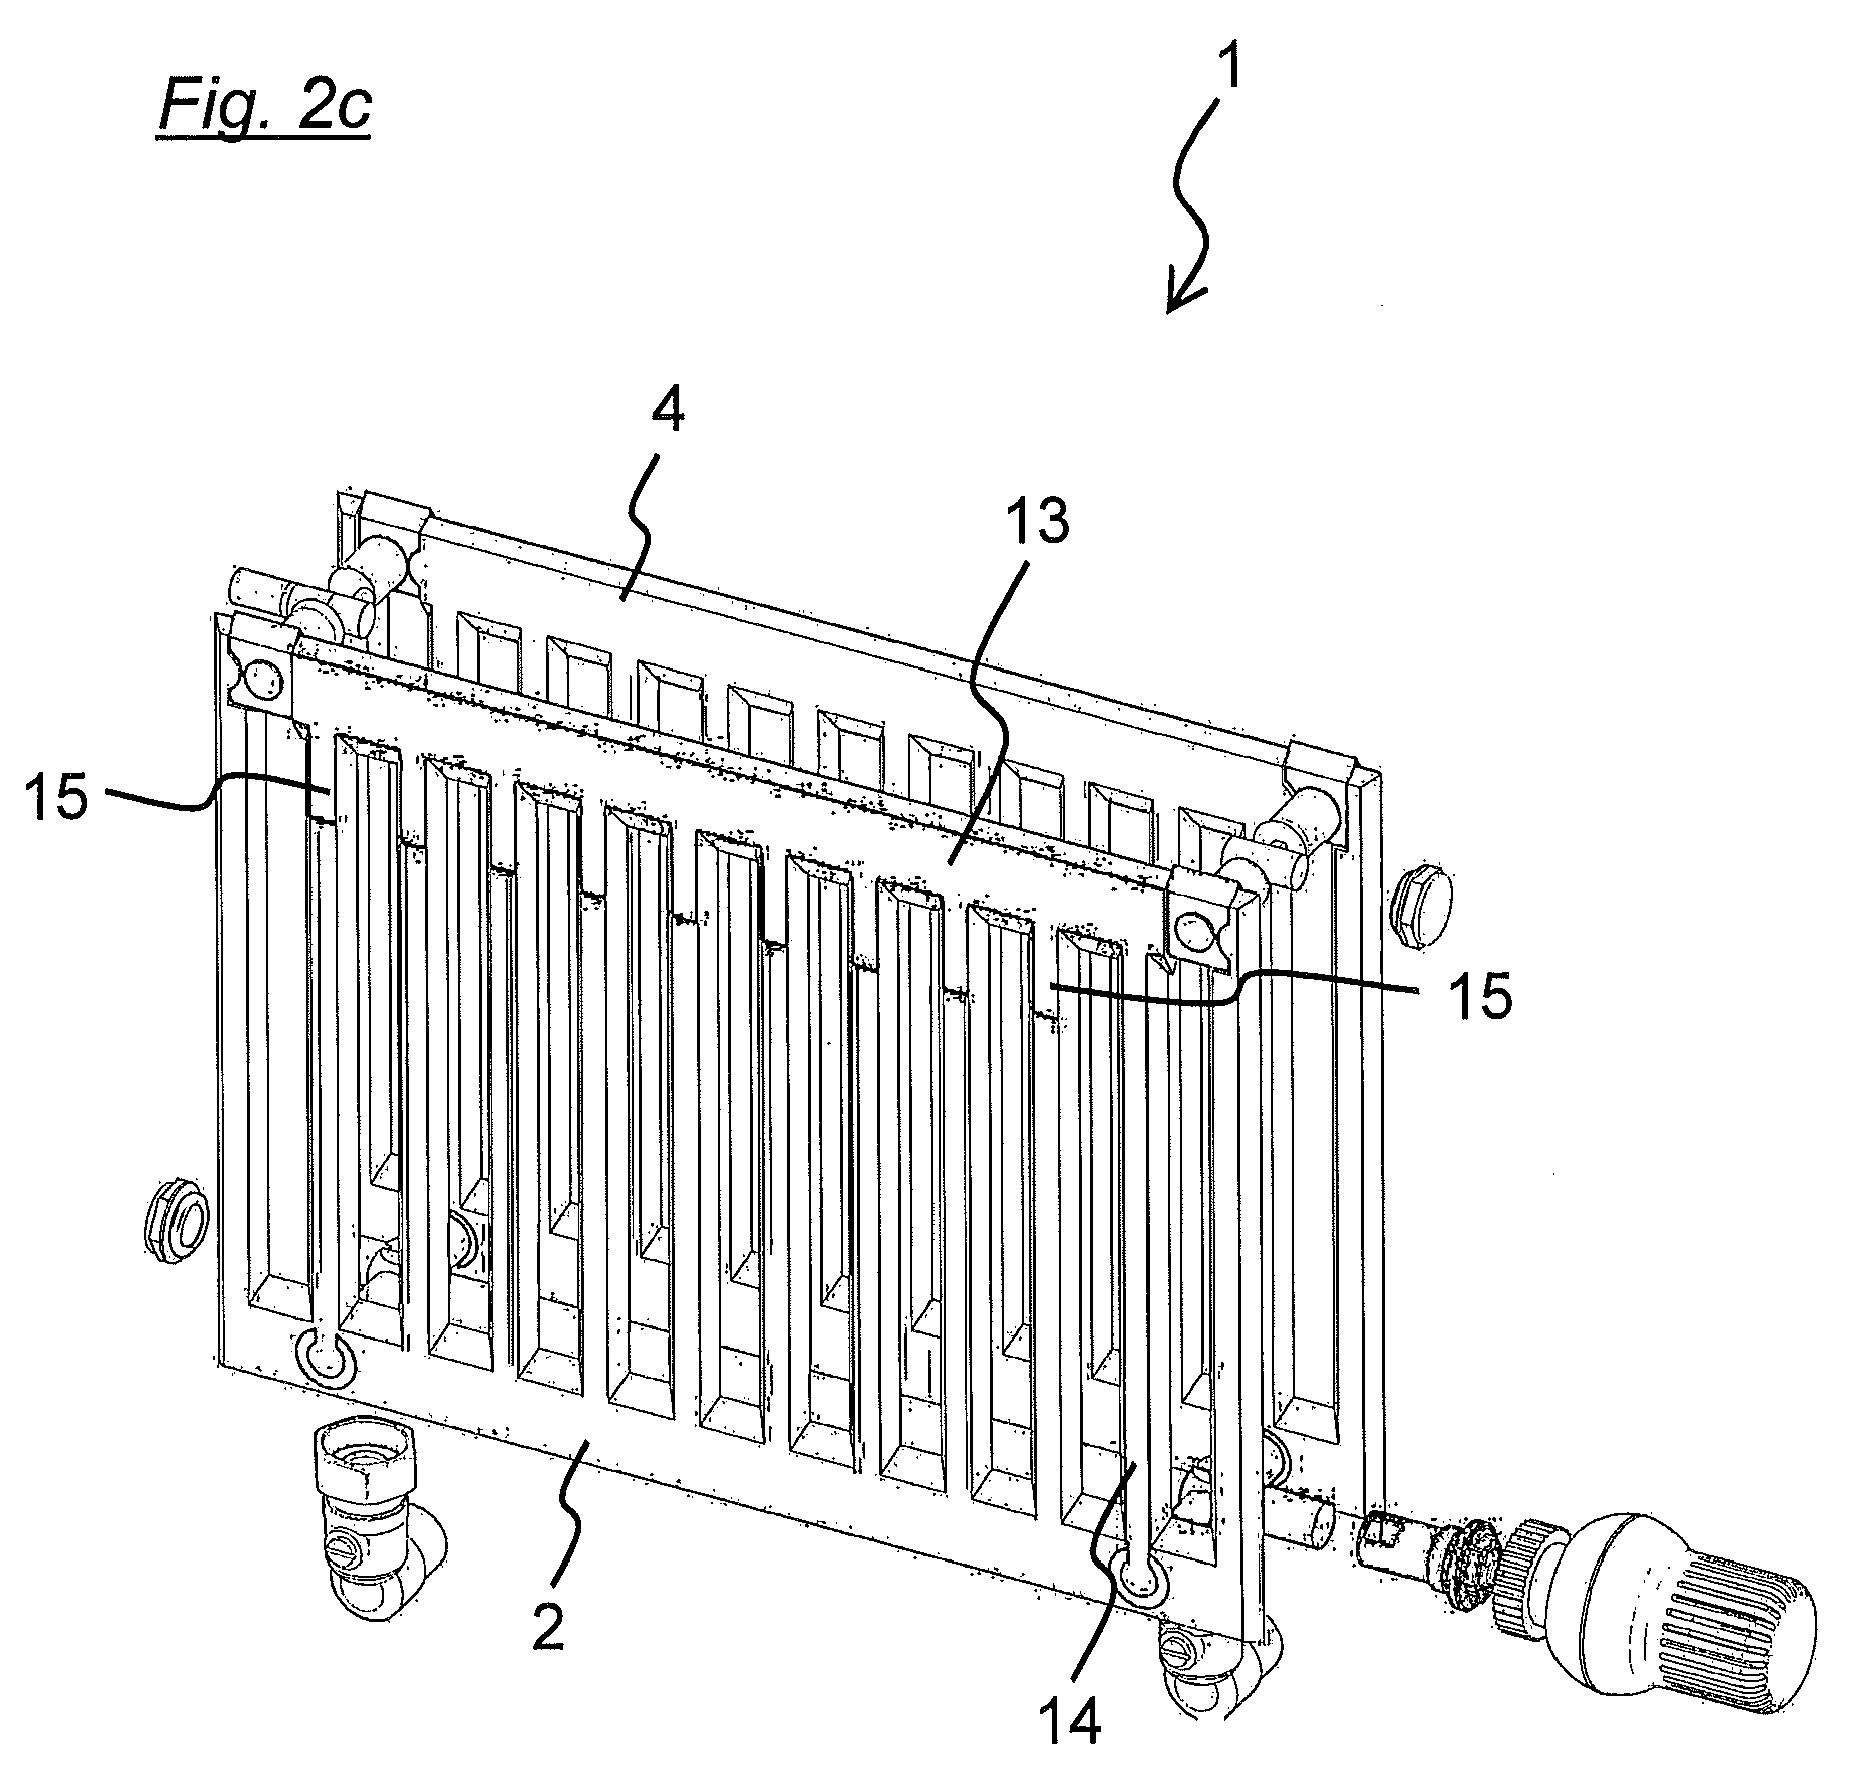 patent ep2402676a2 verfahren zum leiten eines heizmittels und plattenheizk rper google patents. Black Bedroom Furniture Sets. Home Design Ideas